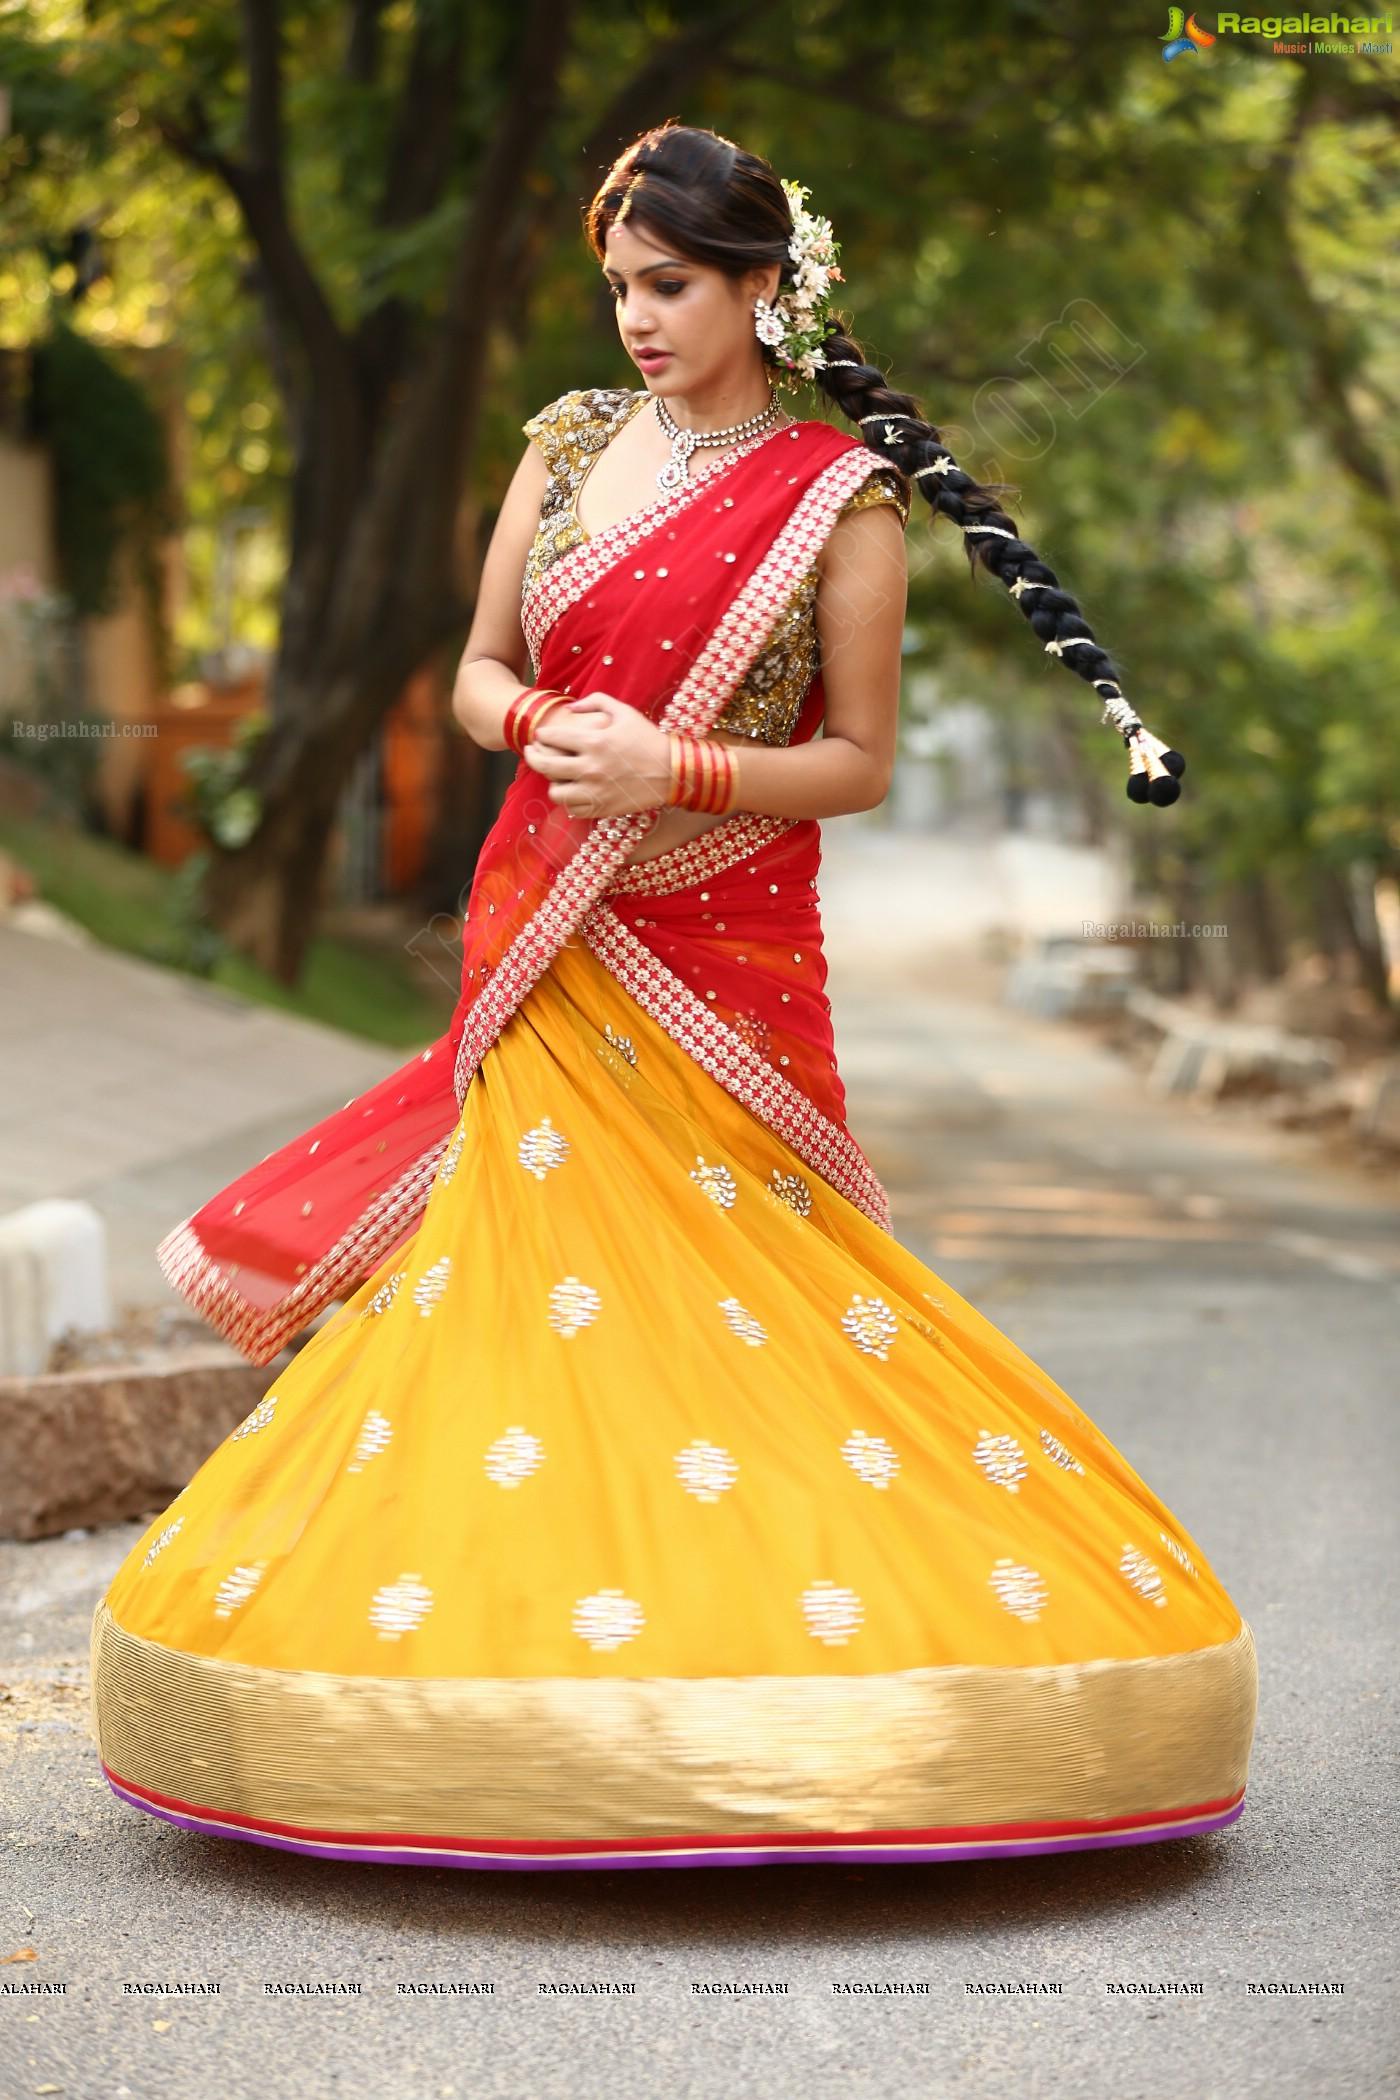 Telegu Cultural Dress